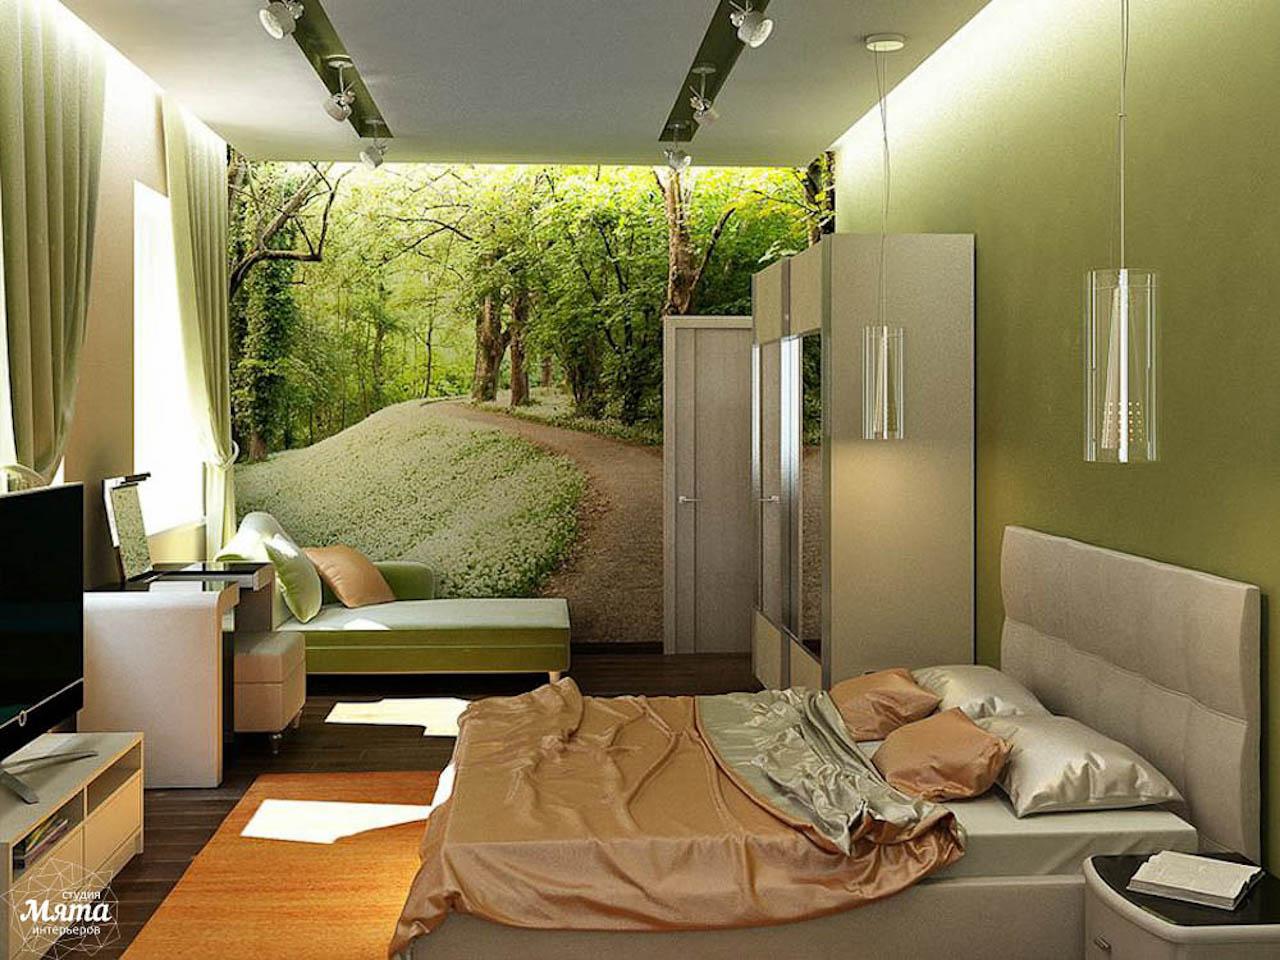 Дизайн интерьера трехкомнатной квартиры по ул. Грибоедова 26 img326491574